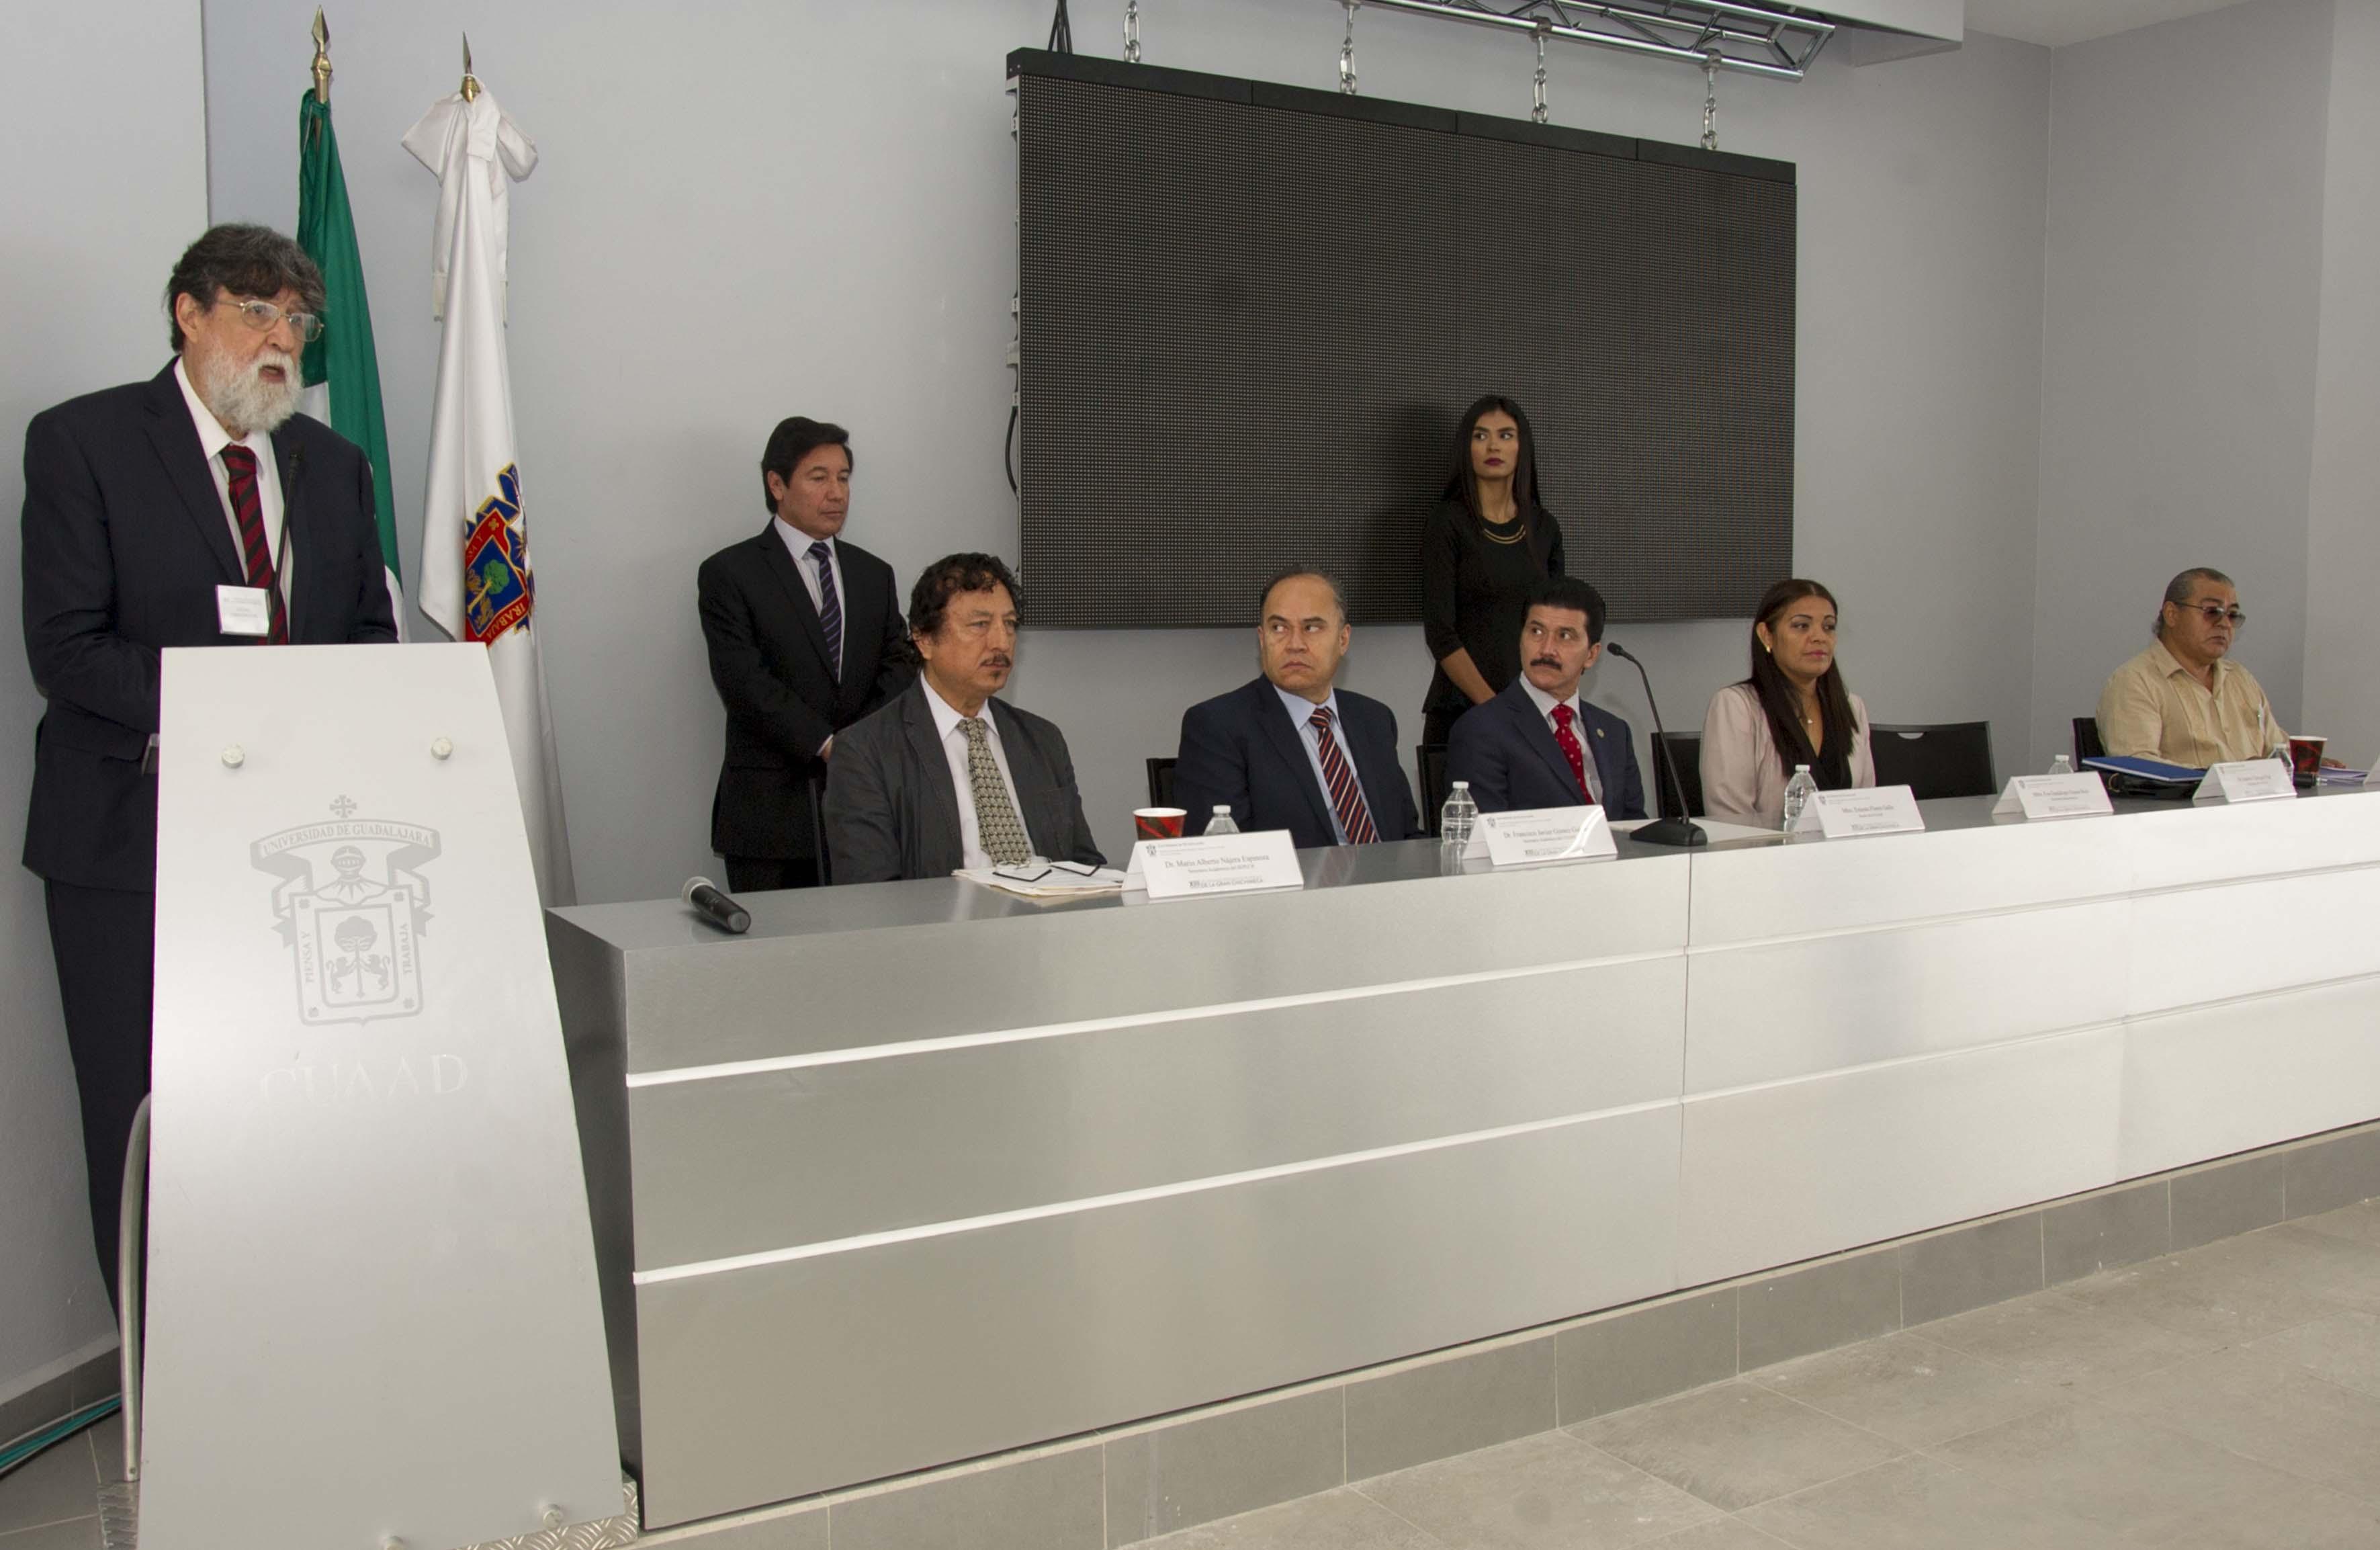 Dr. Andrés Fábregas Puig, coordinador del seminario haciendo uso de la palabra